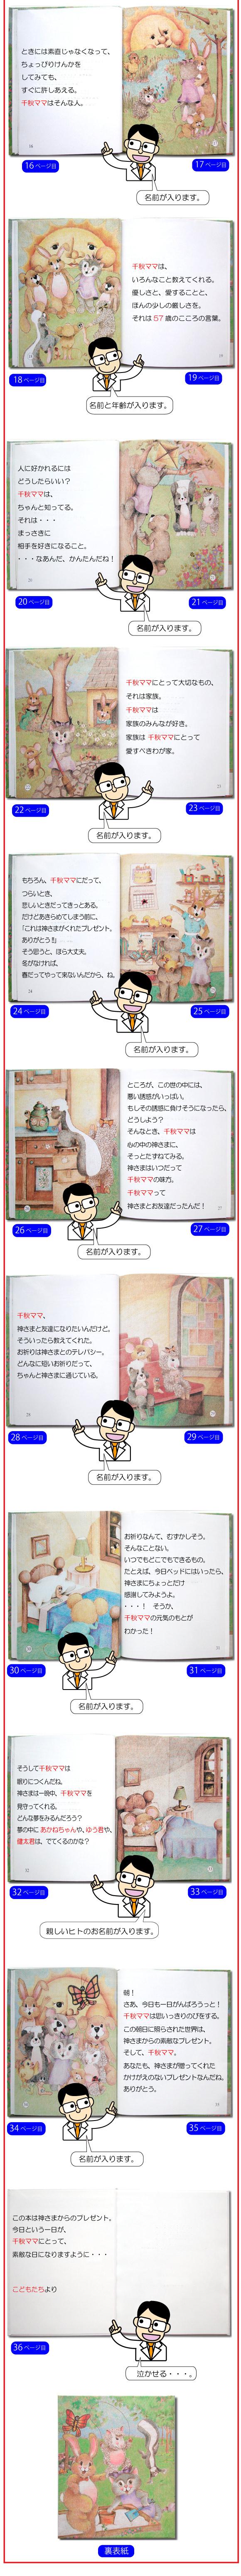 還暦祝いのプレゼント向けオーダーメイド絵本の全ページ